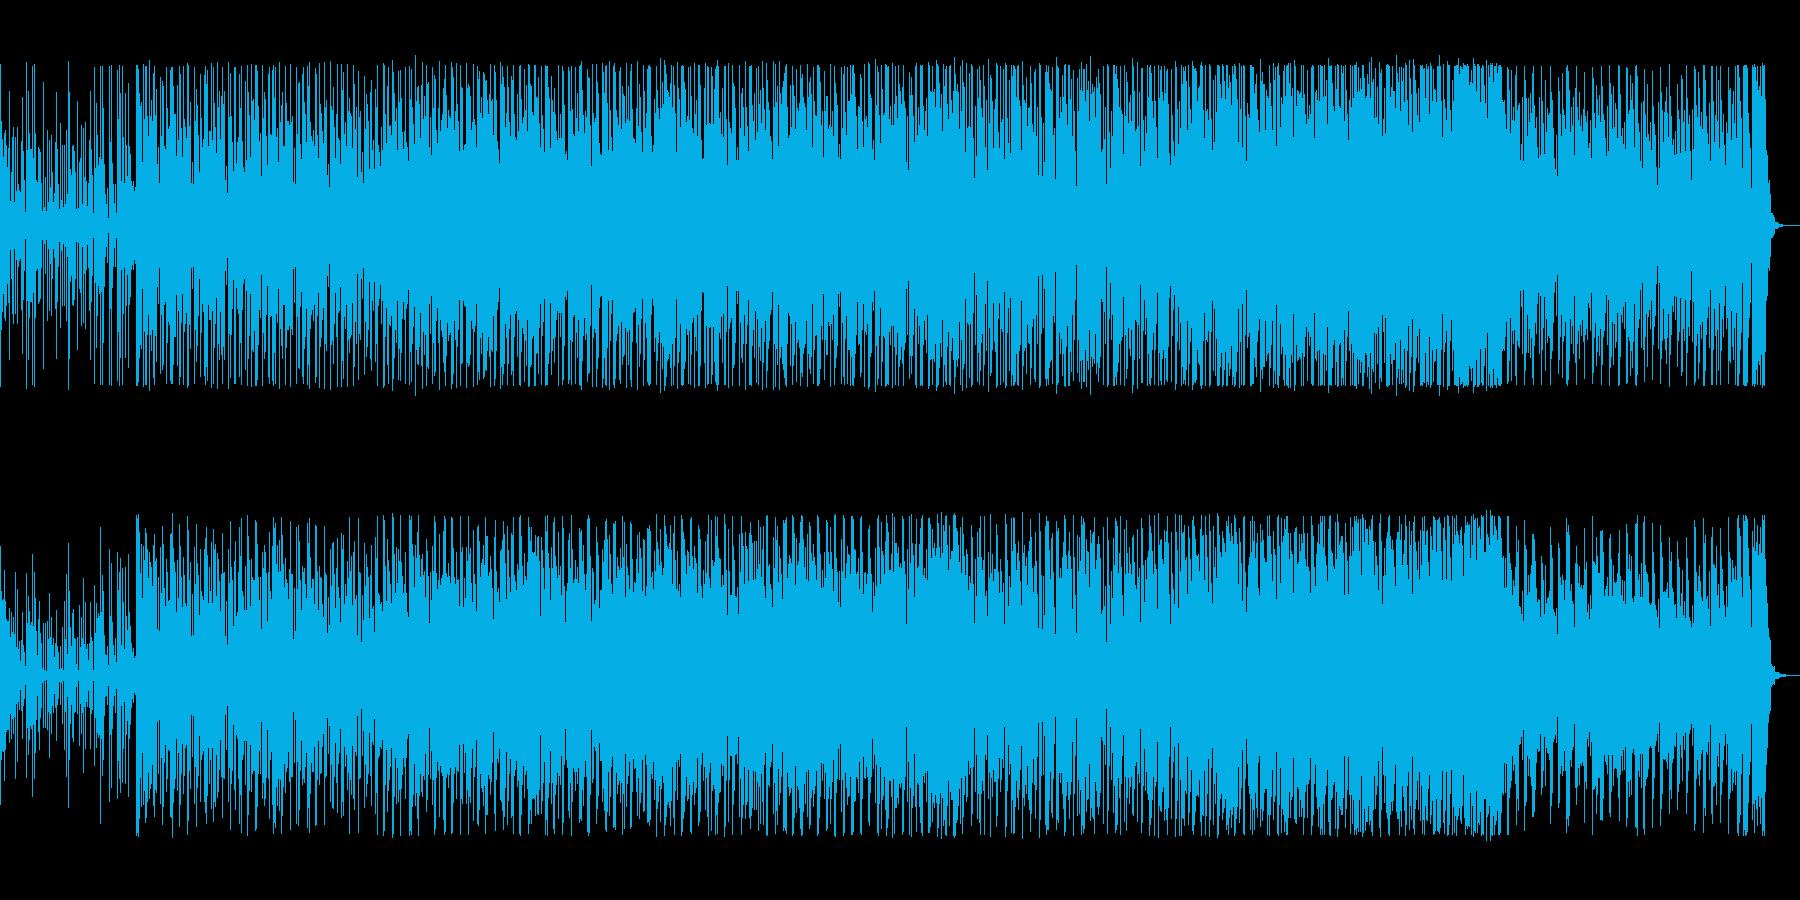 サンバの様なブラジリアンの4つ打ちの曲の再生済みの波形